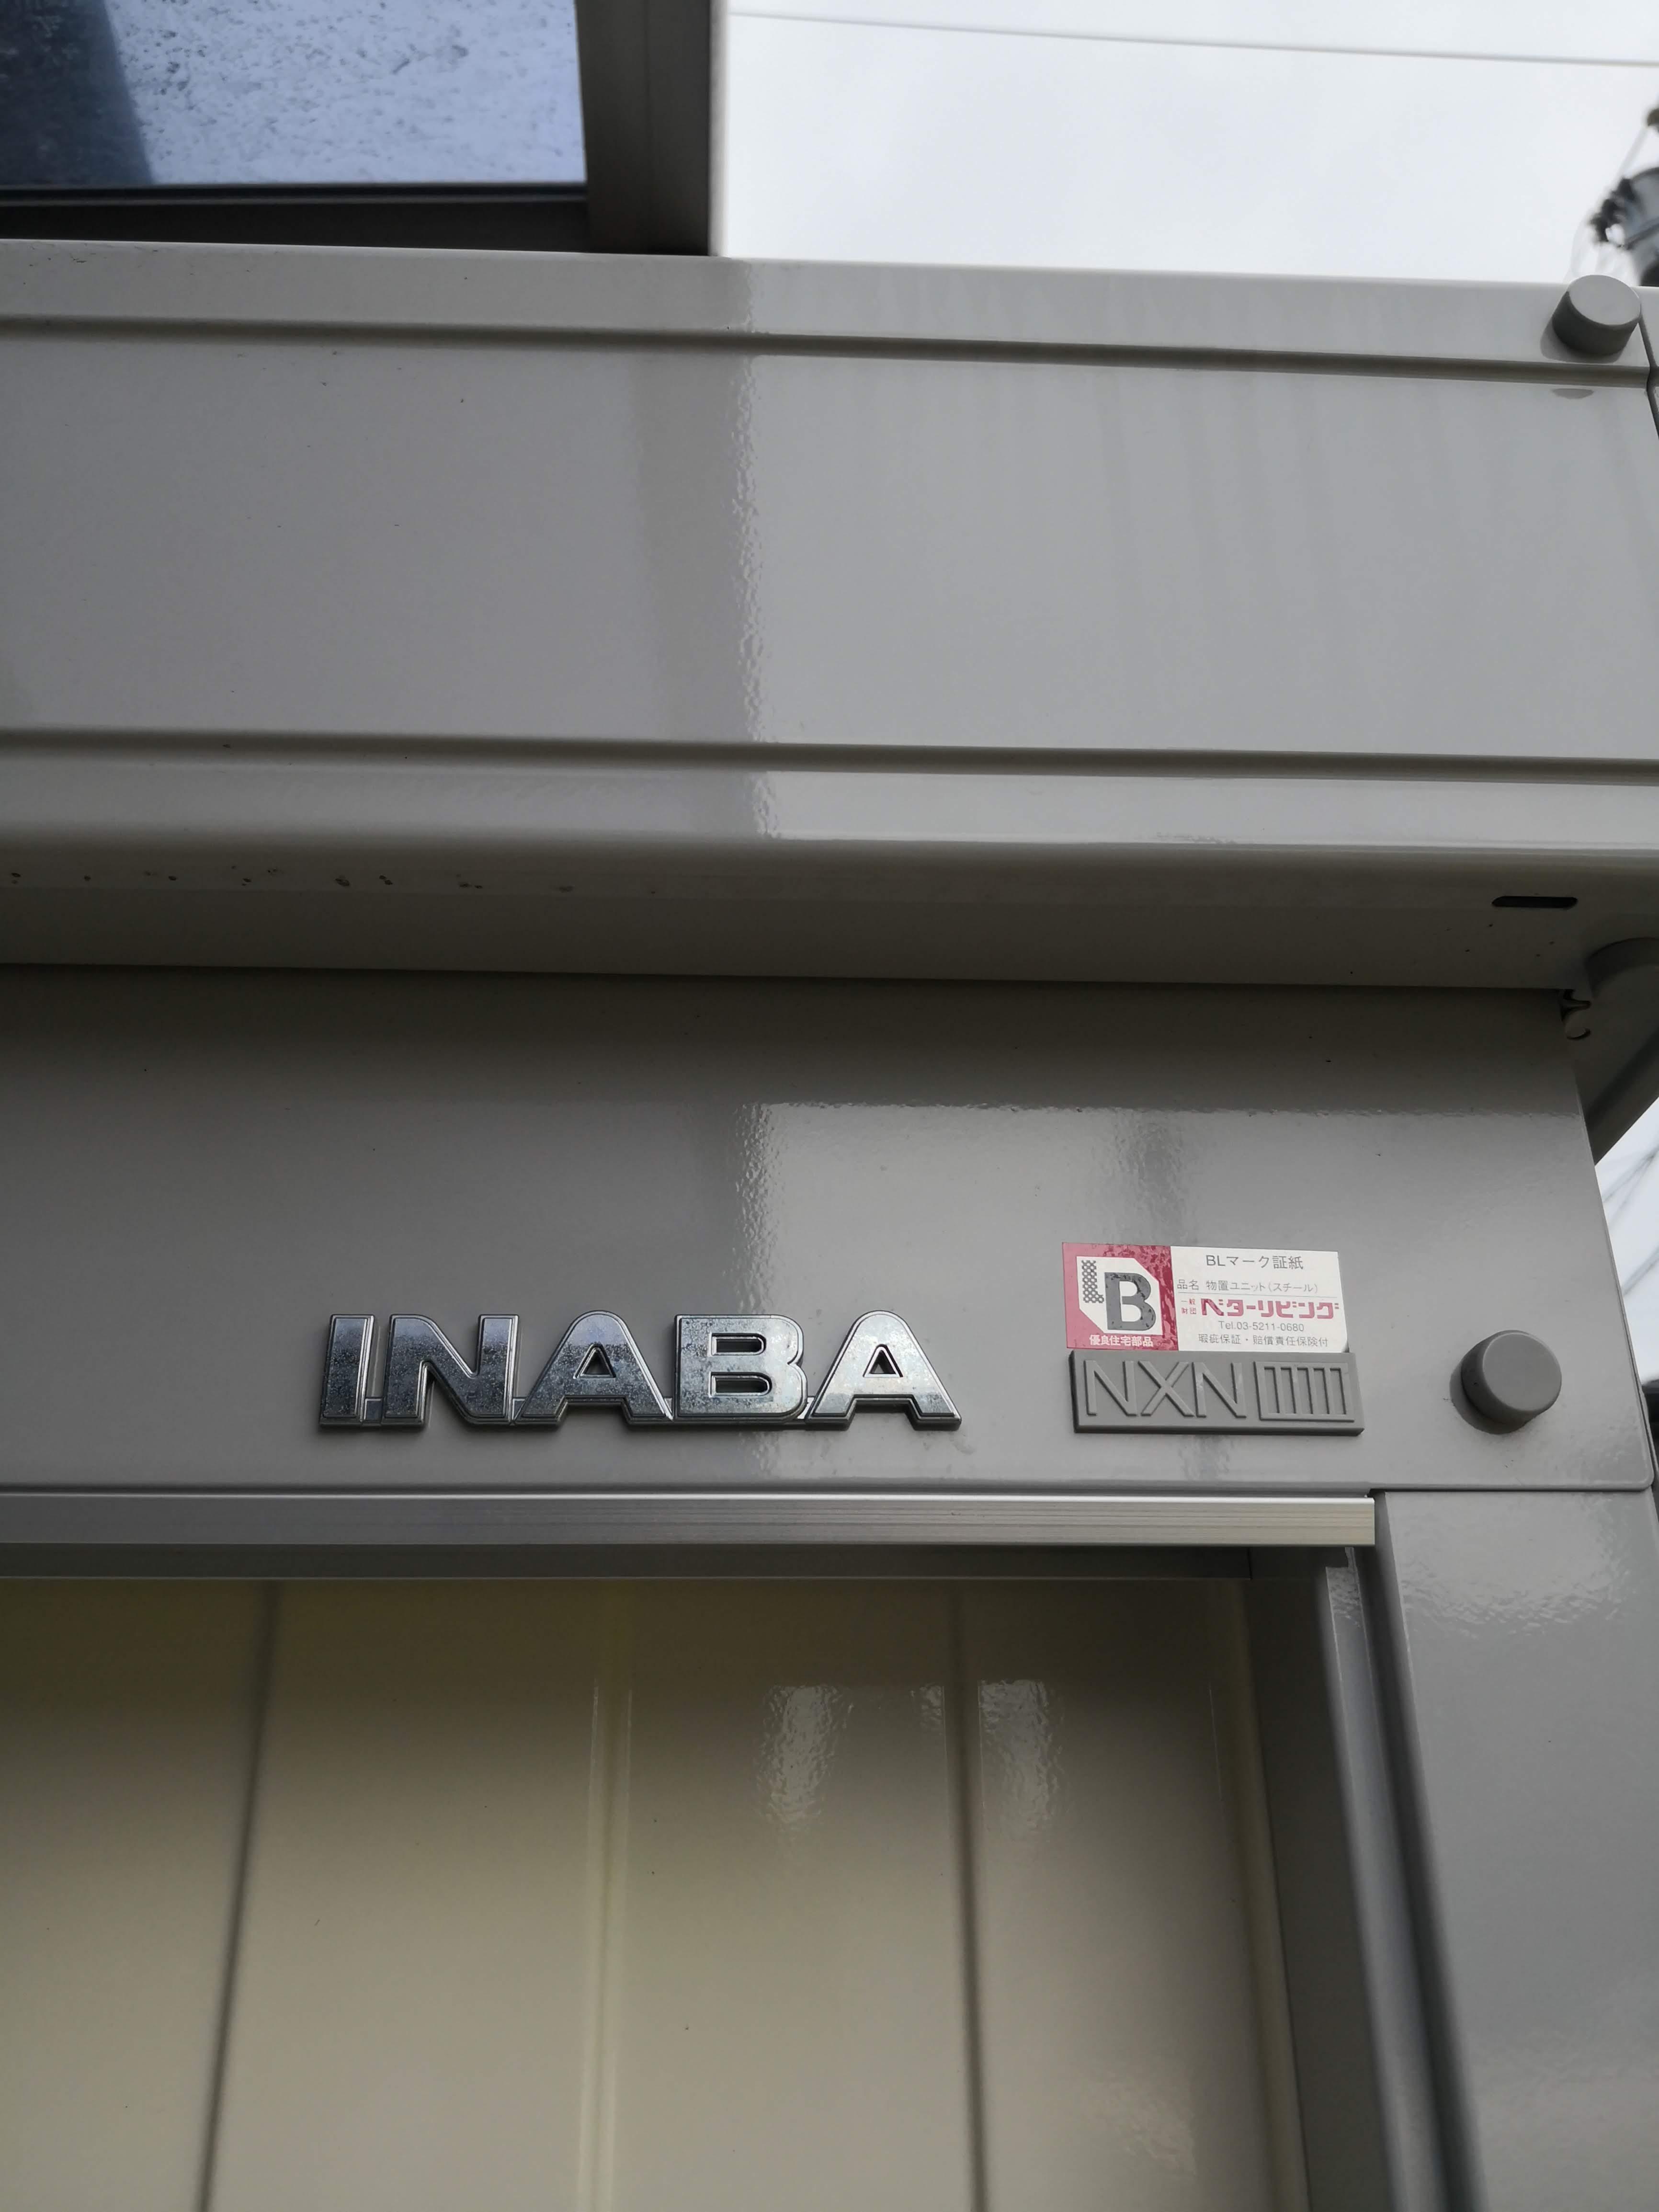 INABA(イナバ)NXN(ネクスタ)